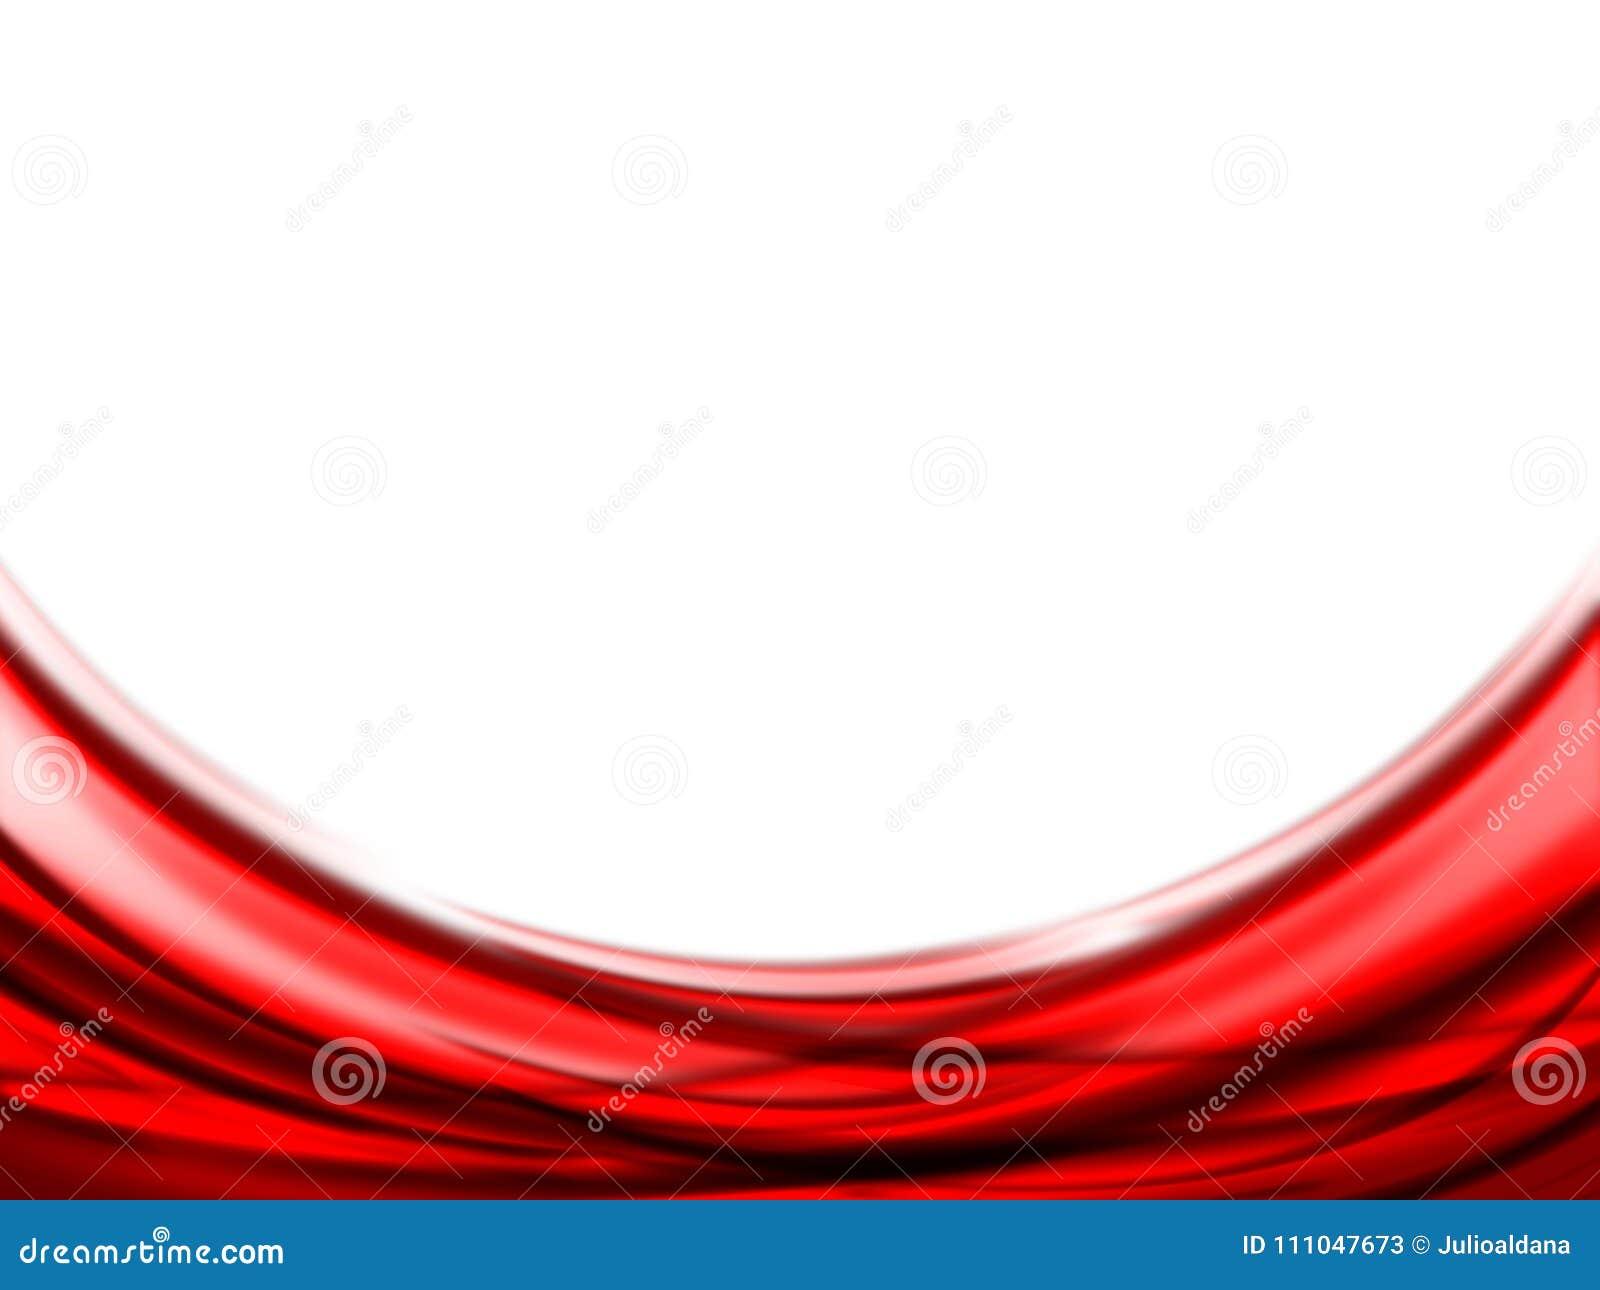 Fondo Rojo Y Blanco Abstracto Stock De Ilustración